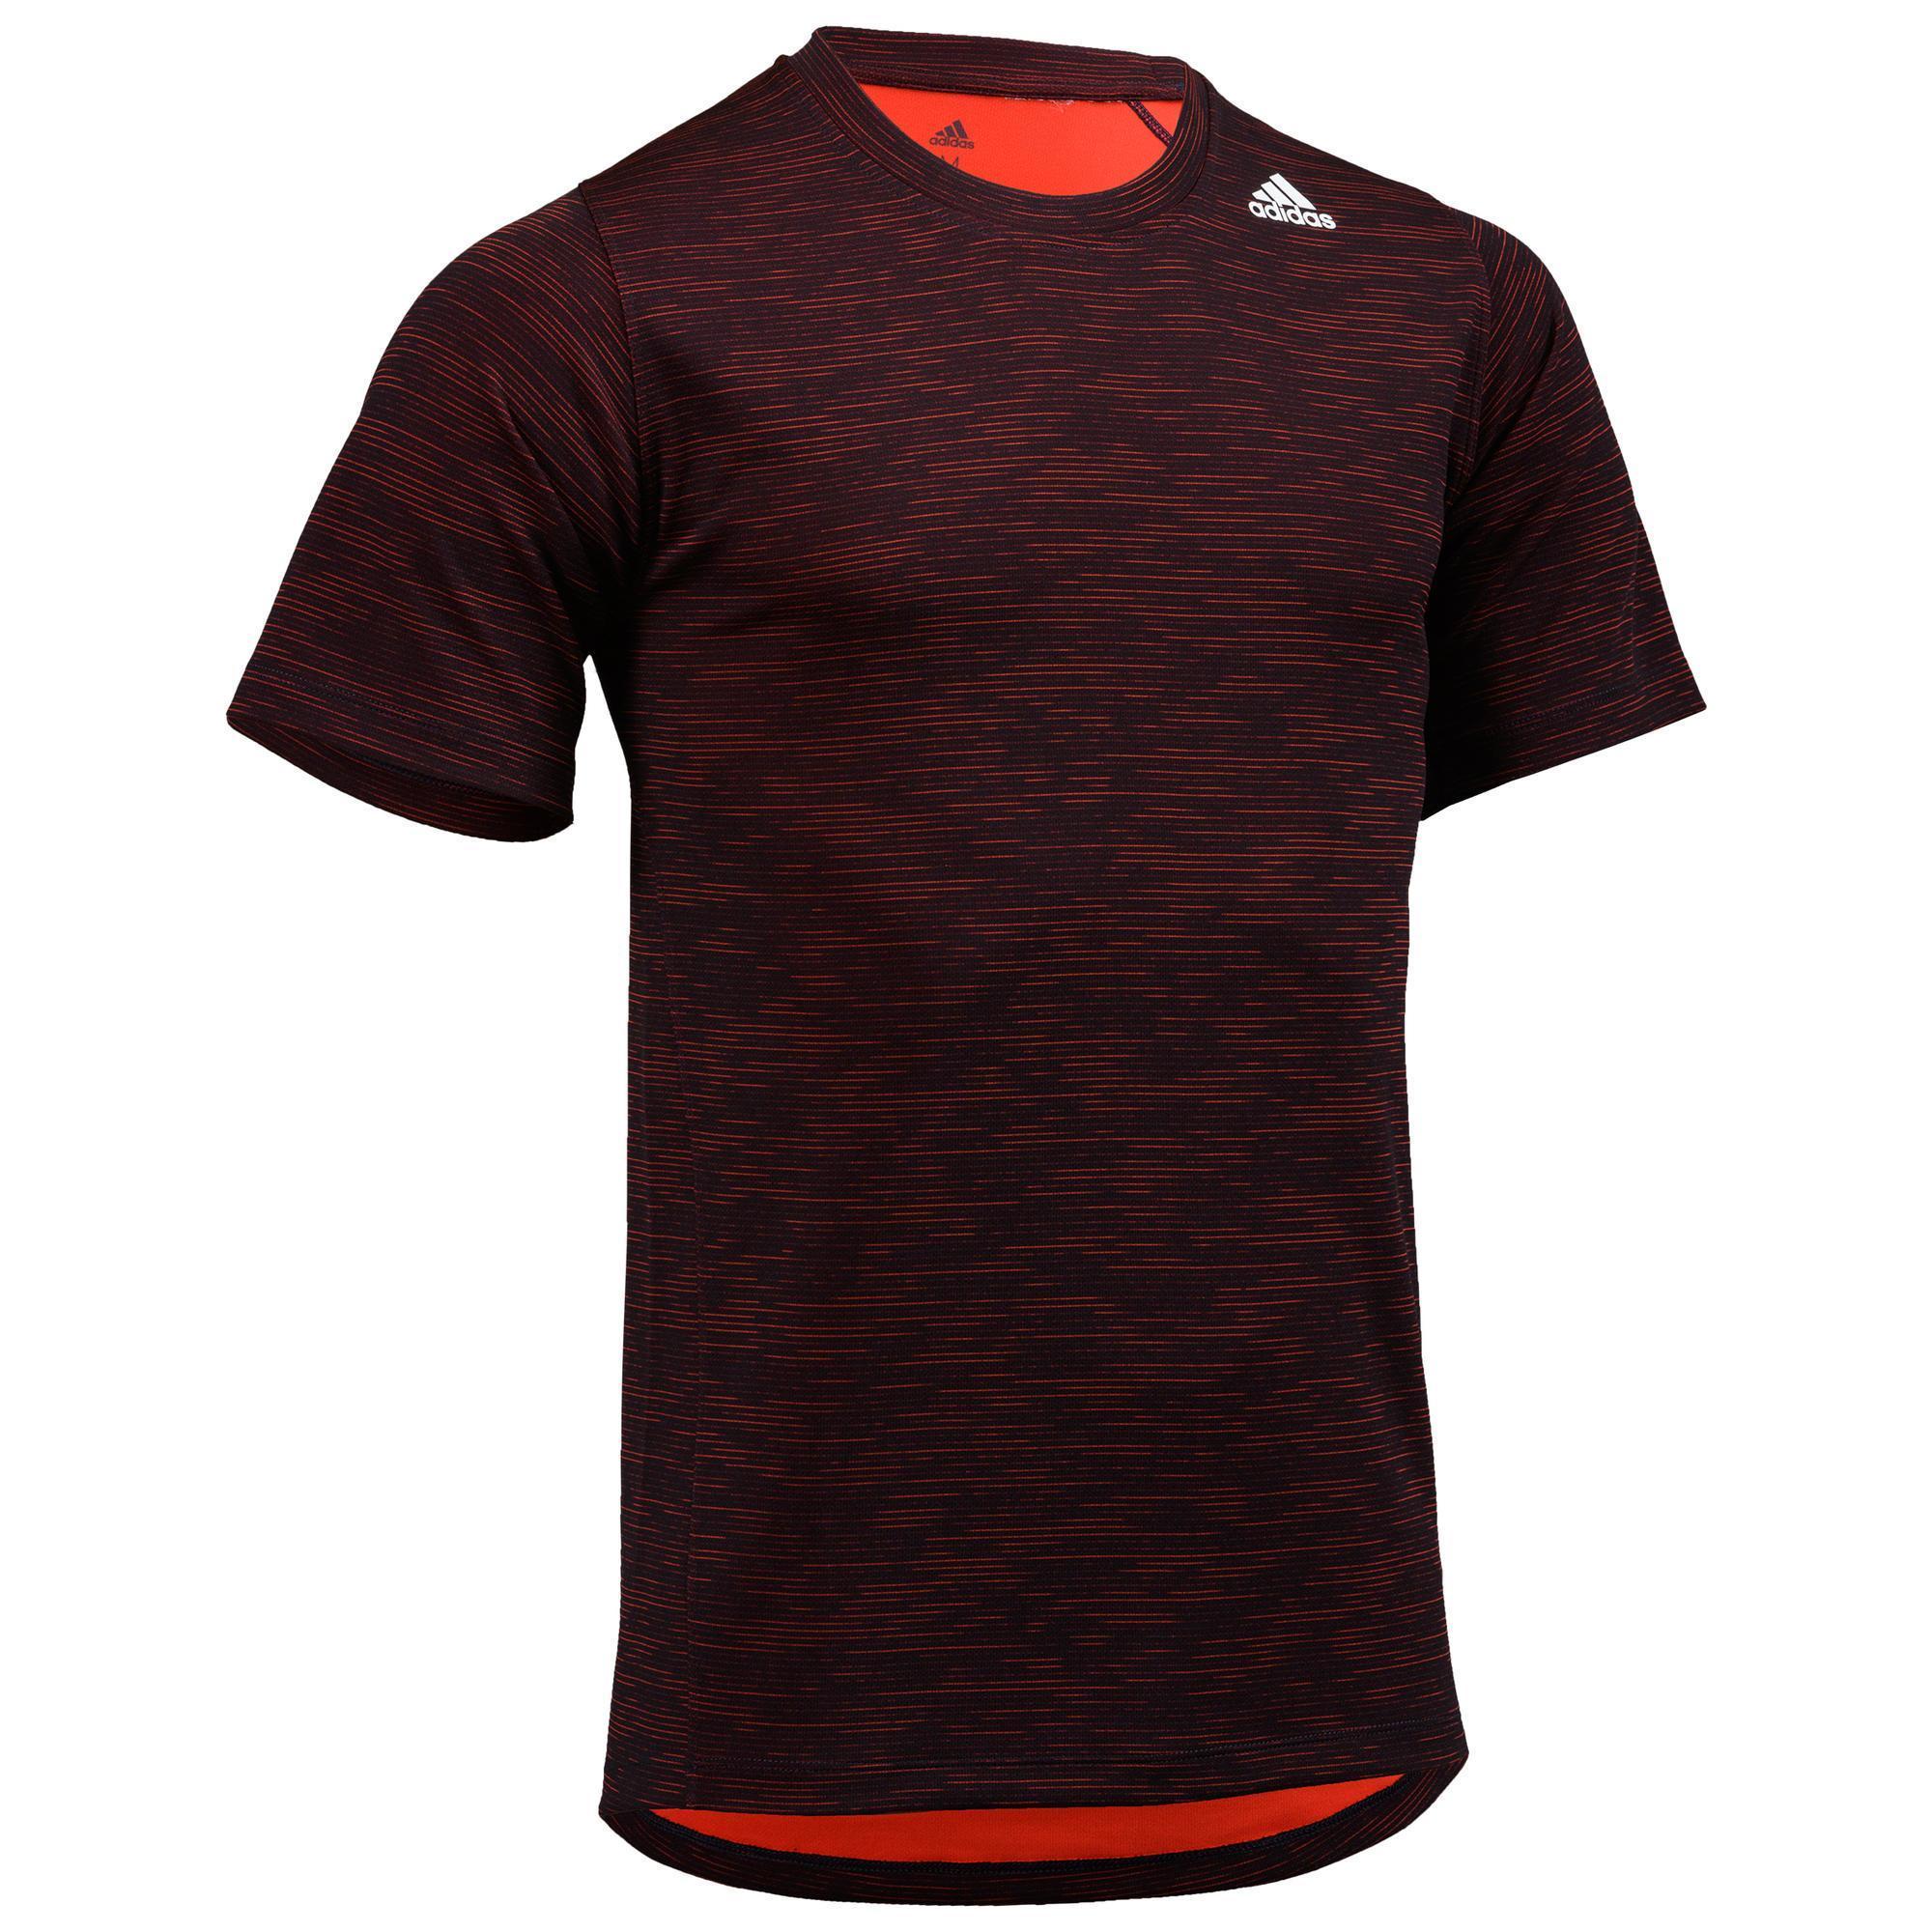 9867aa6ee46 Adidas fitness shirt fitness shirt adidas voor heren, zwart/rood. ben je een